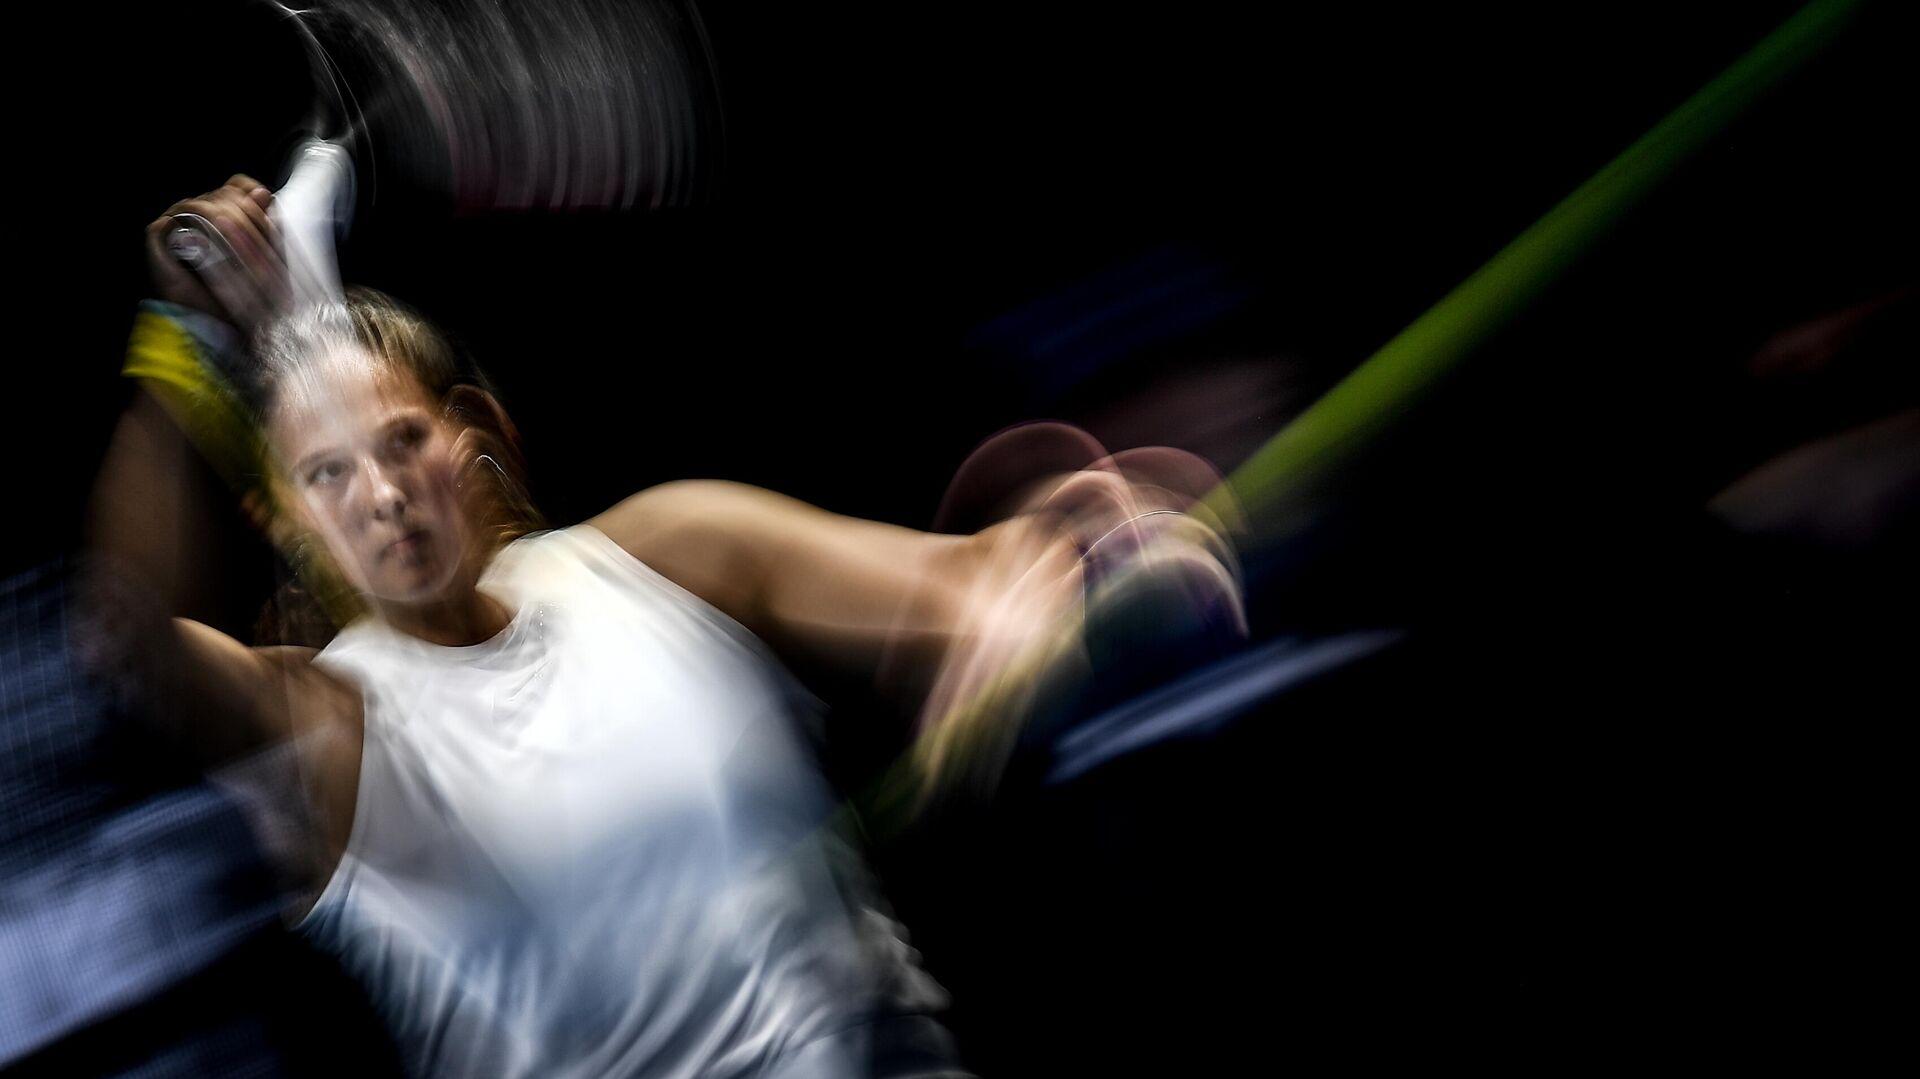 Теннисистка Дарья Касаткина (Россия) - РИА Новости, 1920, 13.09.2020